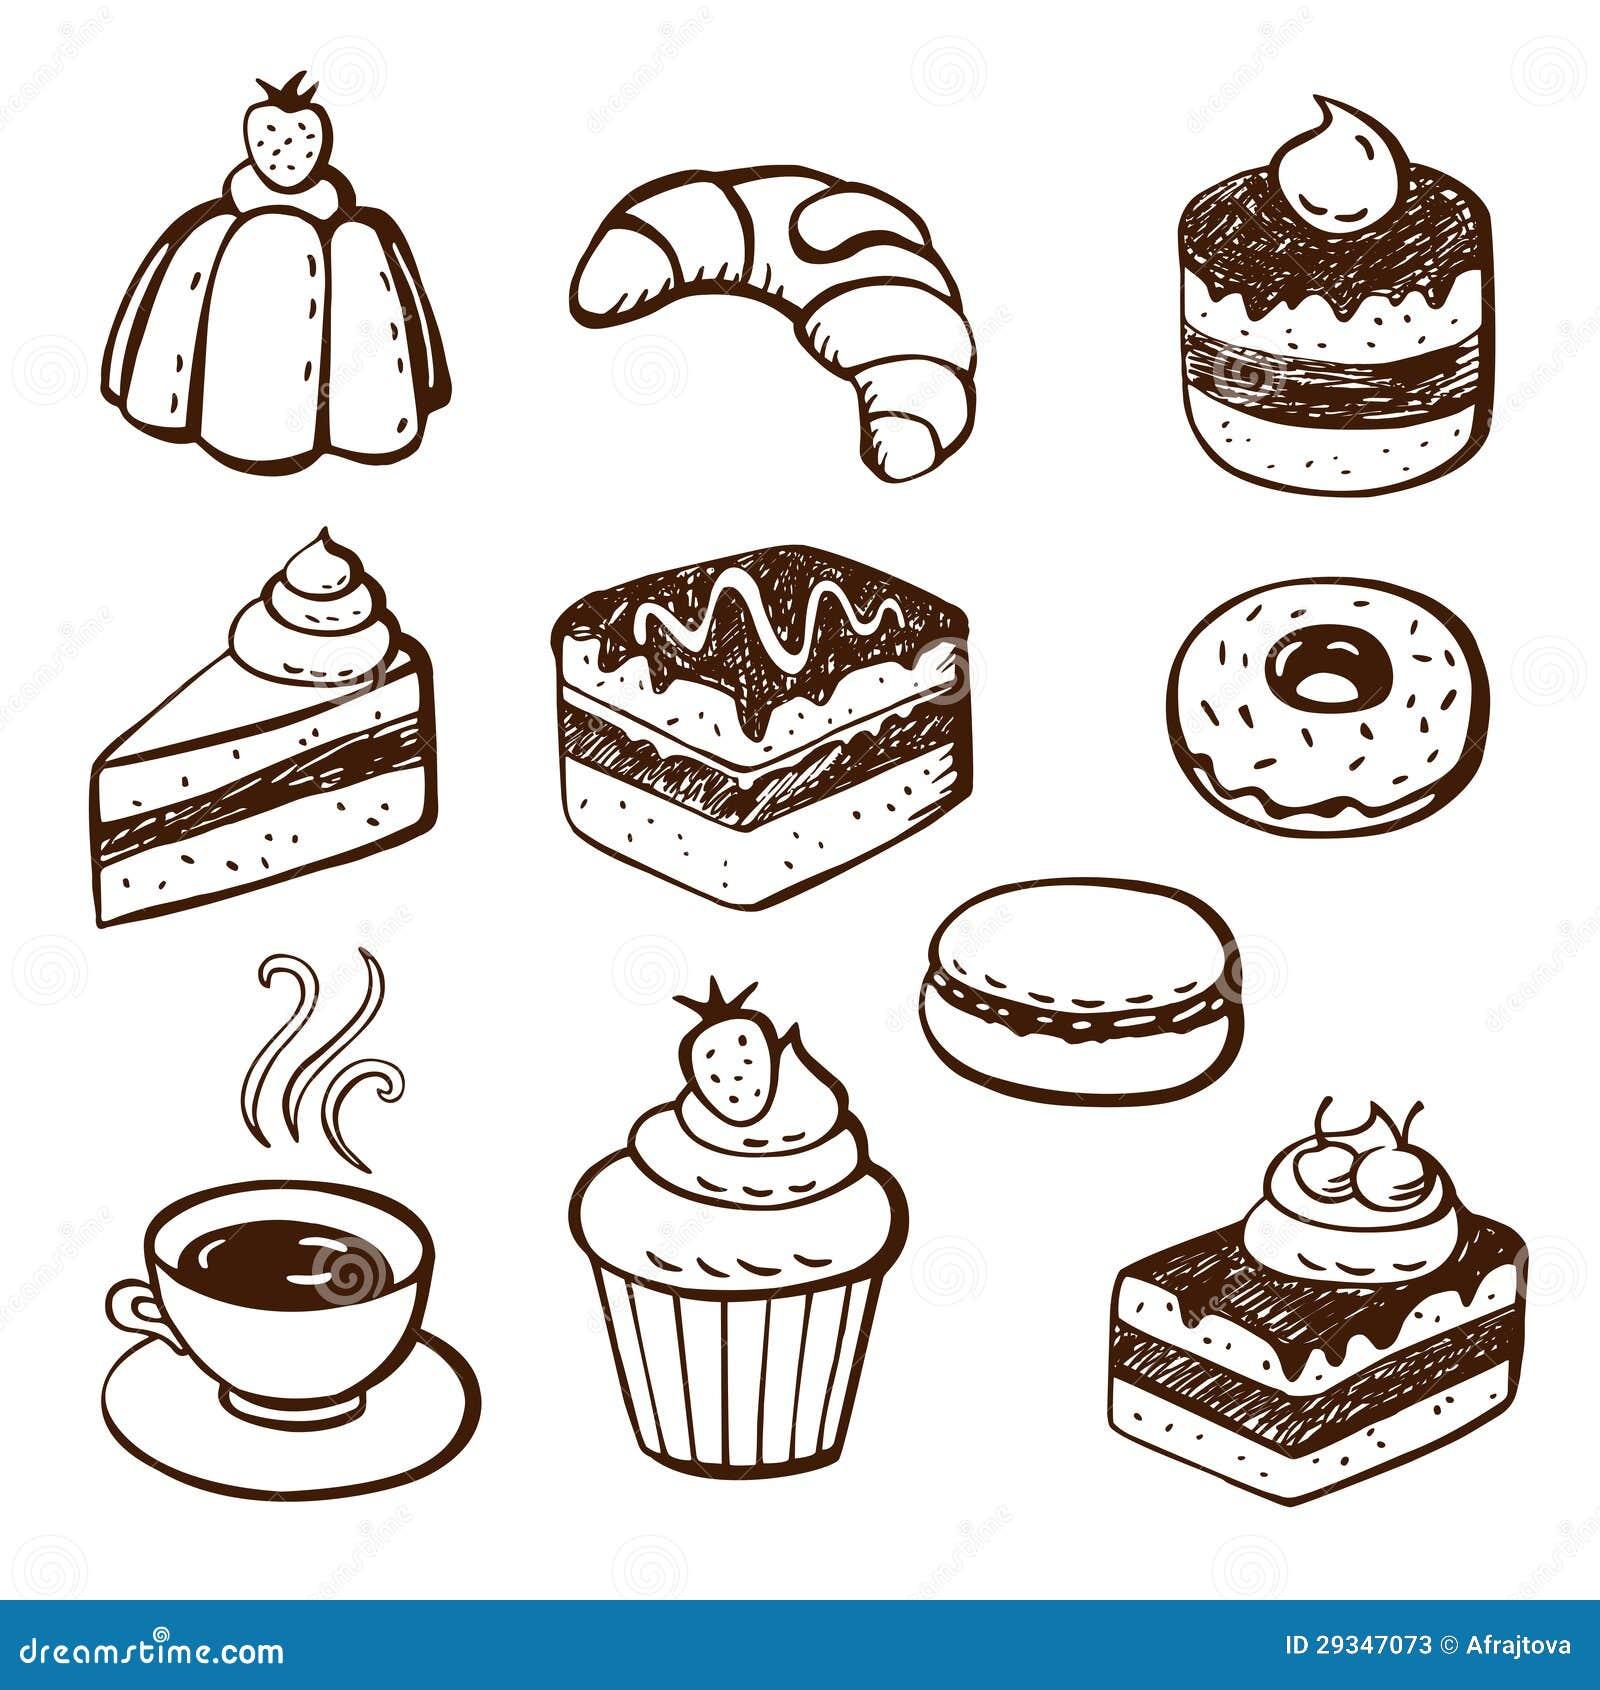 Как нарисовать десерты поэтапно